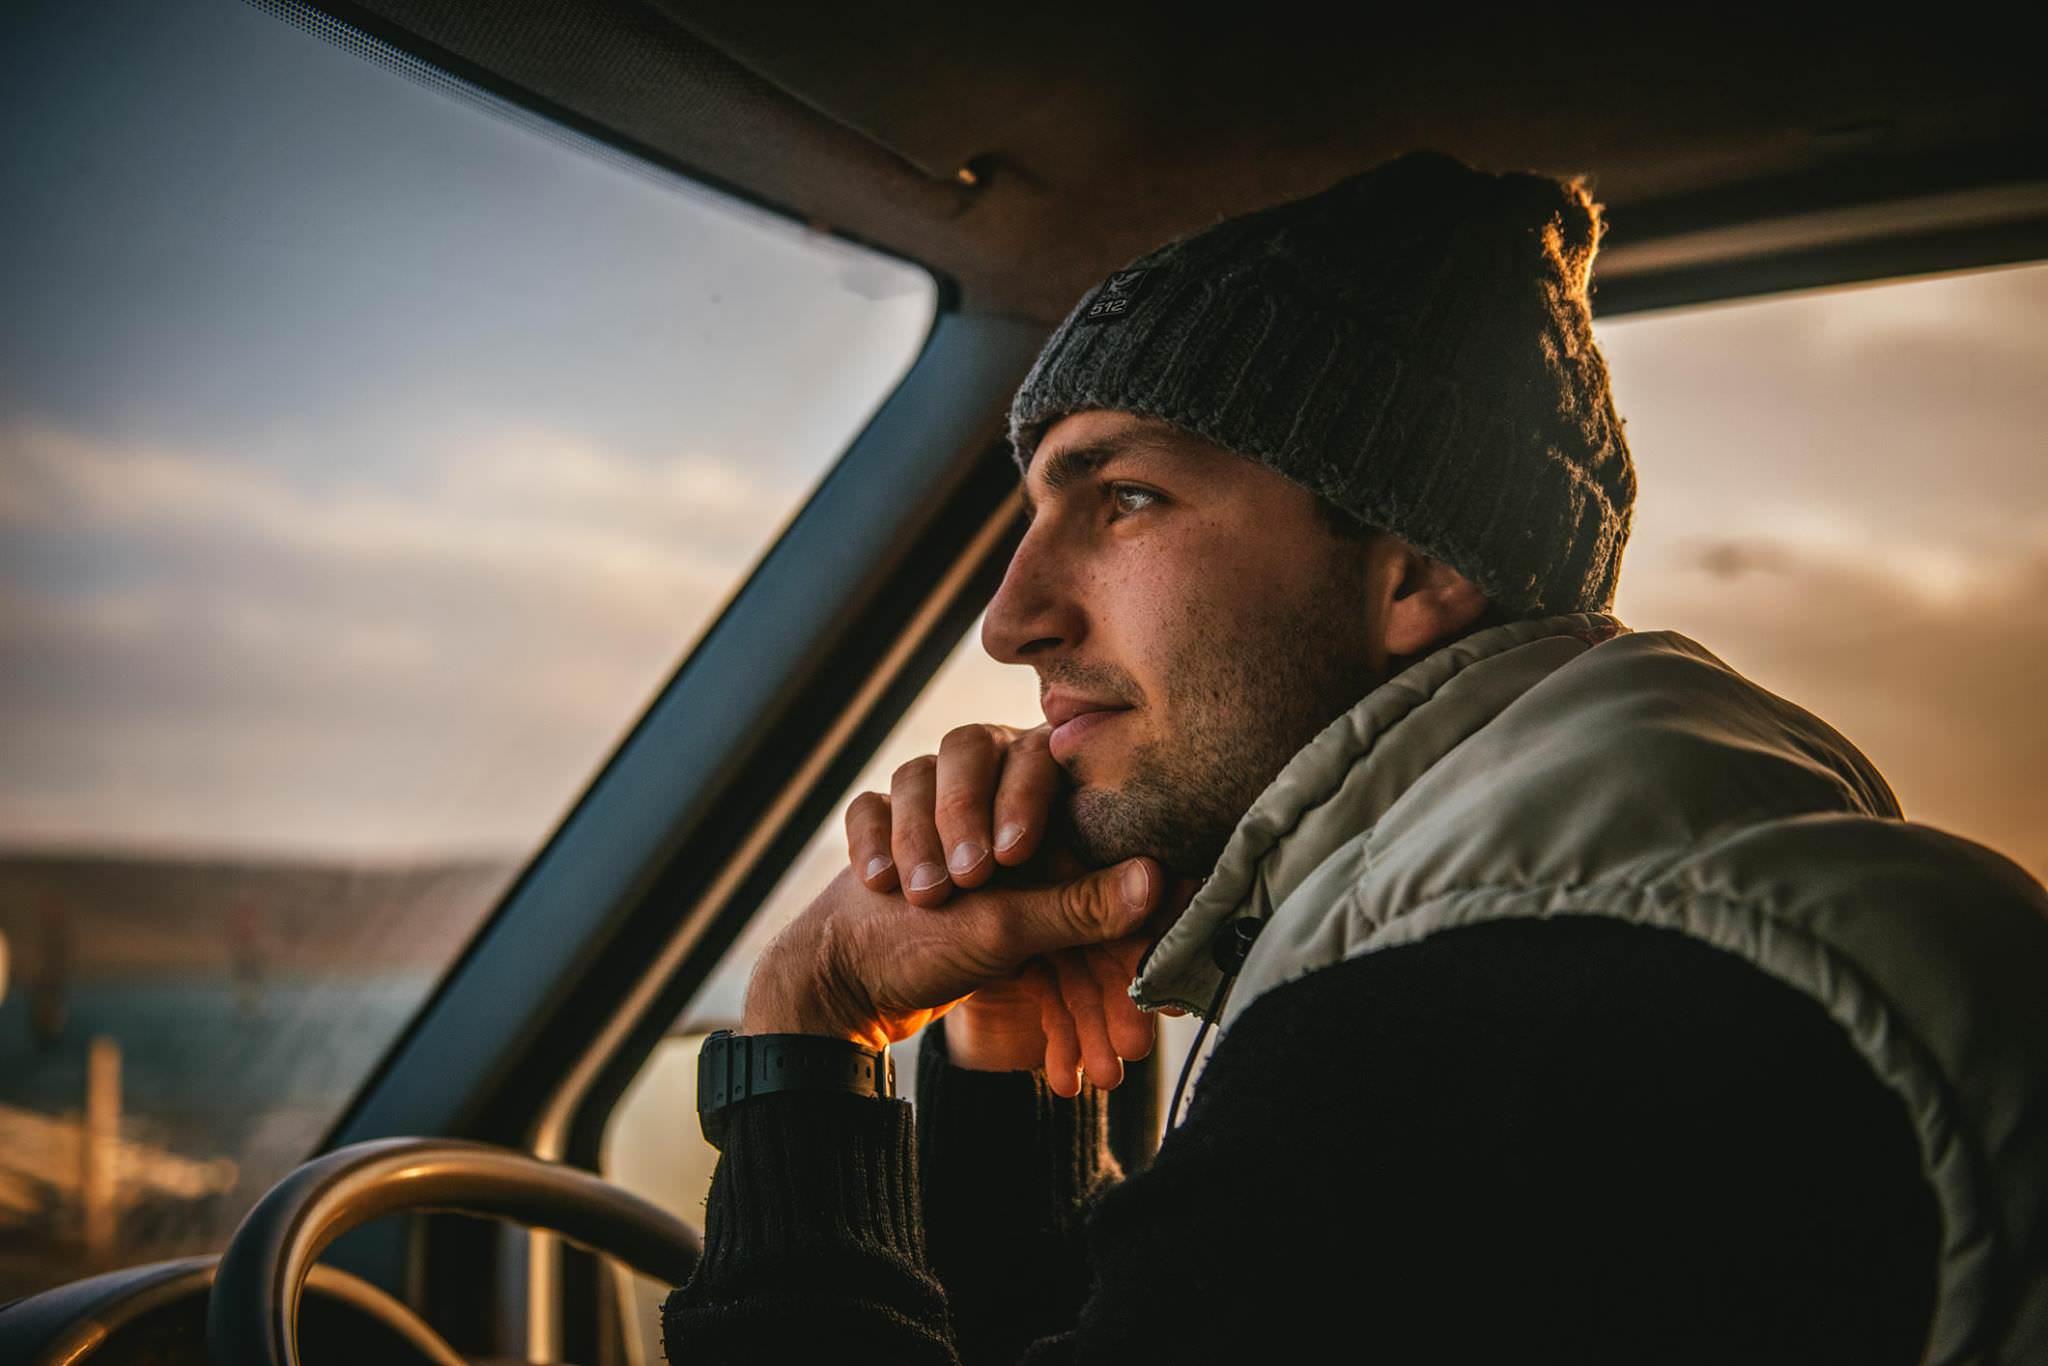 A man driving a campervan